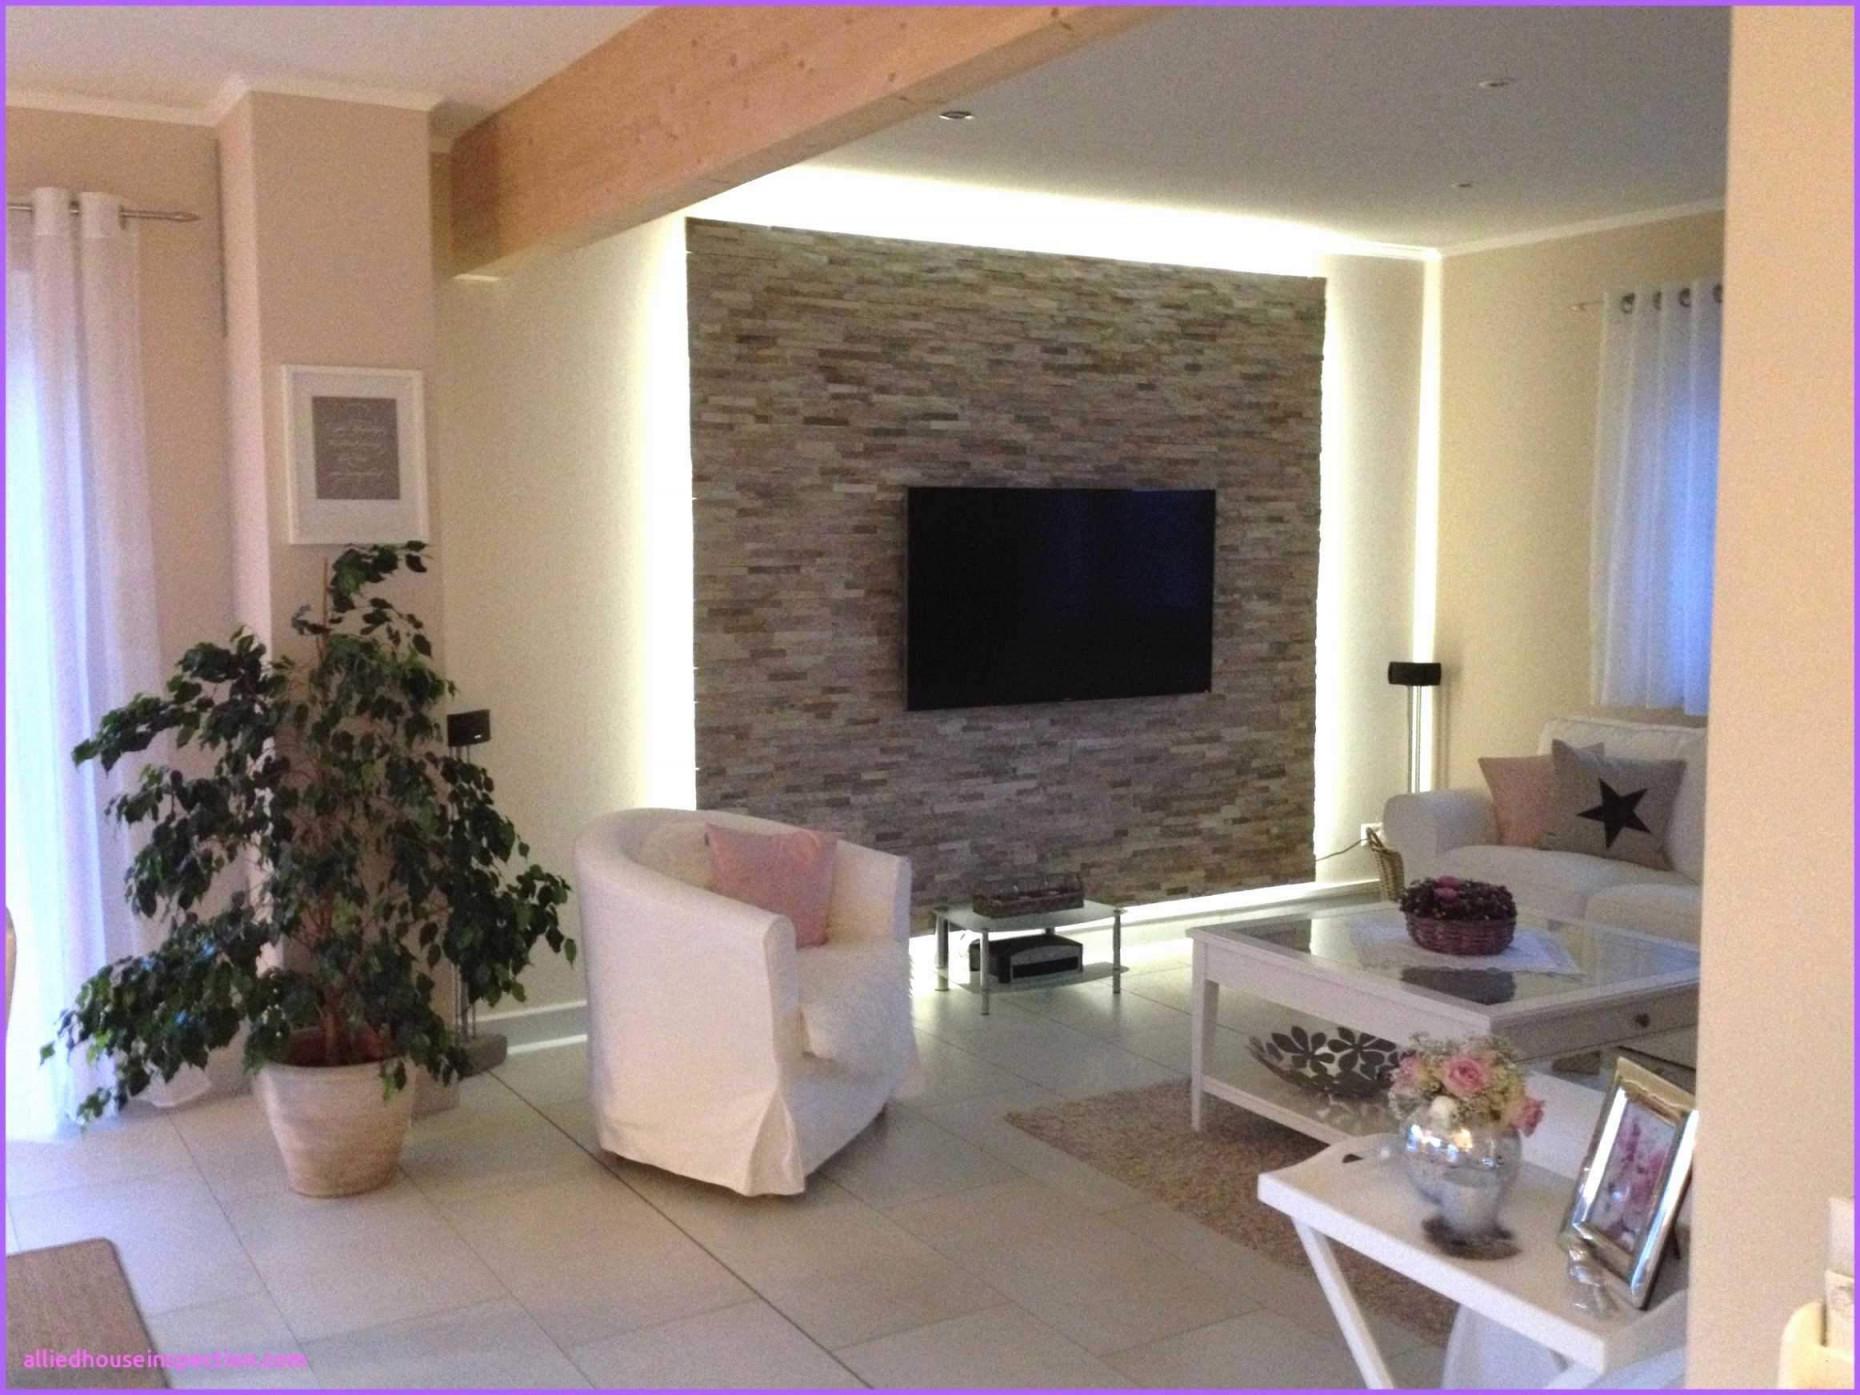 Wohnzimmer Ideen Landhausstil – Caseconrad von Wohnzimmer Ideen Landhausstil Modern Bild